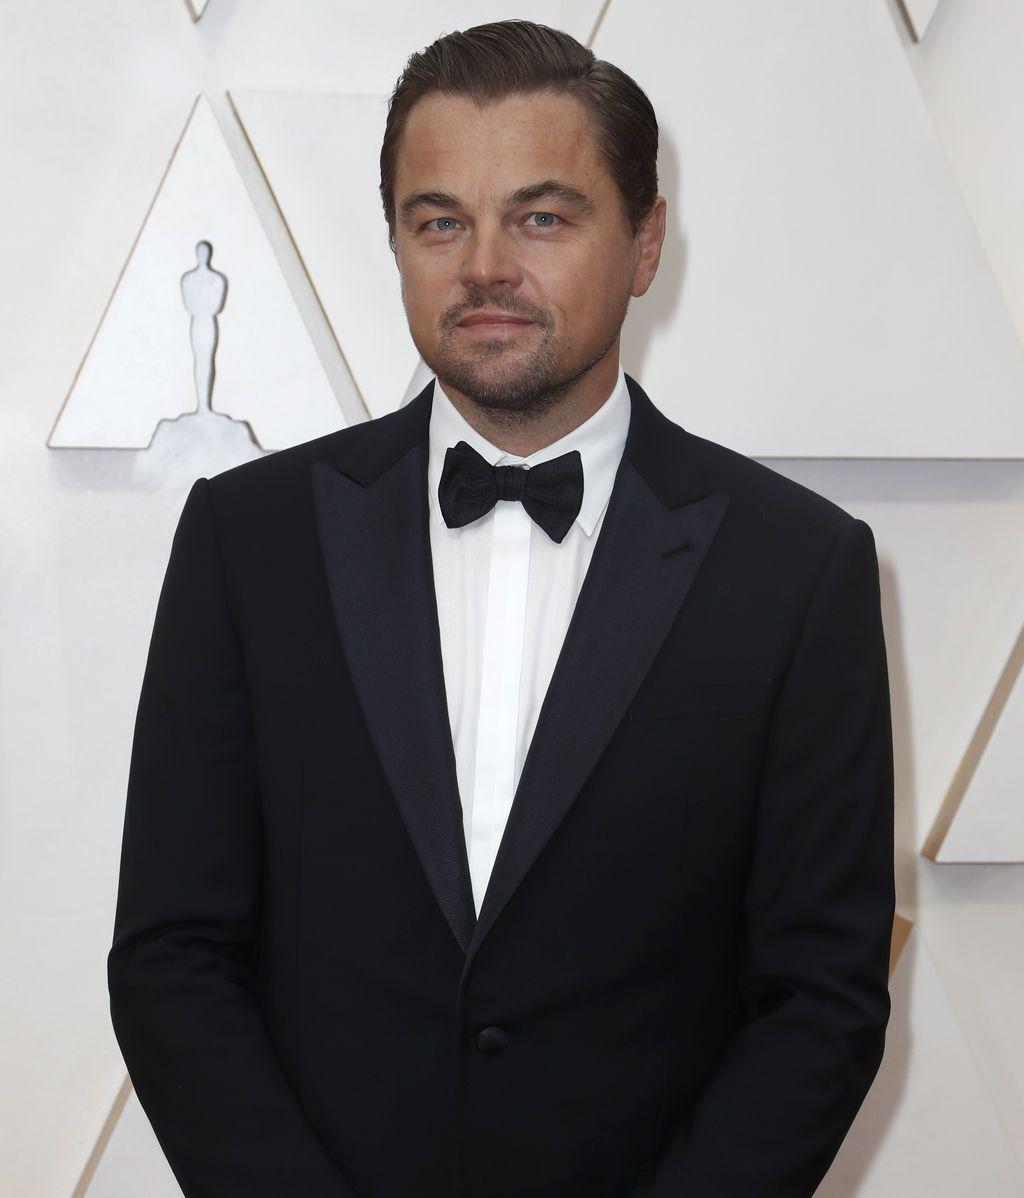 Leonardo DiCaprio posa en la alfombra roja de los Premios Óscar 2020